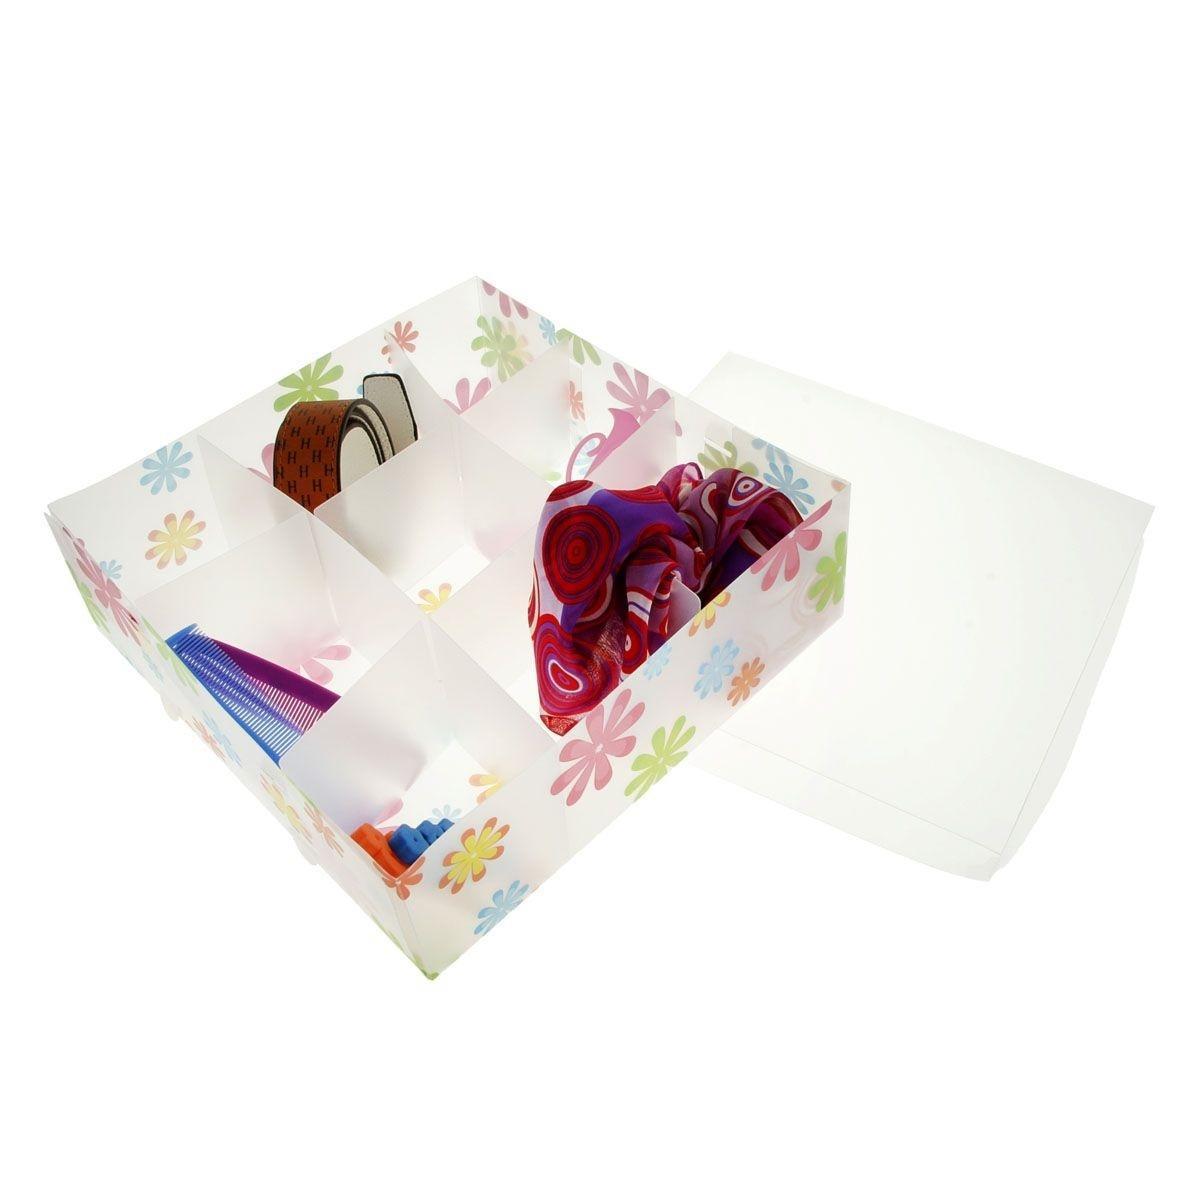 короб для хранения 30*30*10, 9 ячеек, с крышкой, цветочки 608991FS-91909Коробка для мелочей изготовлена из прочного пластика. Предназначена для хранения мелких бытовых мелочей, принадлежностей для шитья и т.д. Коробка оснащена плотно закрывающейся крышкой, которая предотвратит просыпание и потерю мелких вещиц.Коробка для мелочей сохранит ваши вещи в порядке. Материал: Пластик